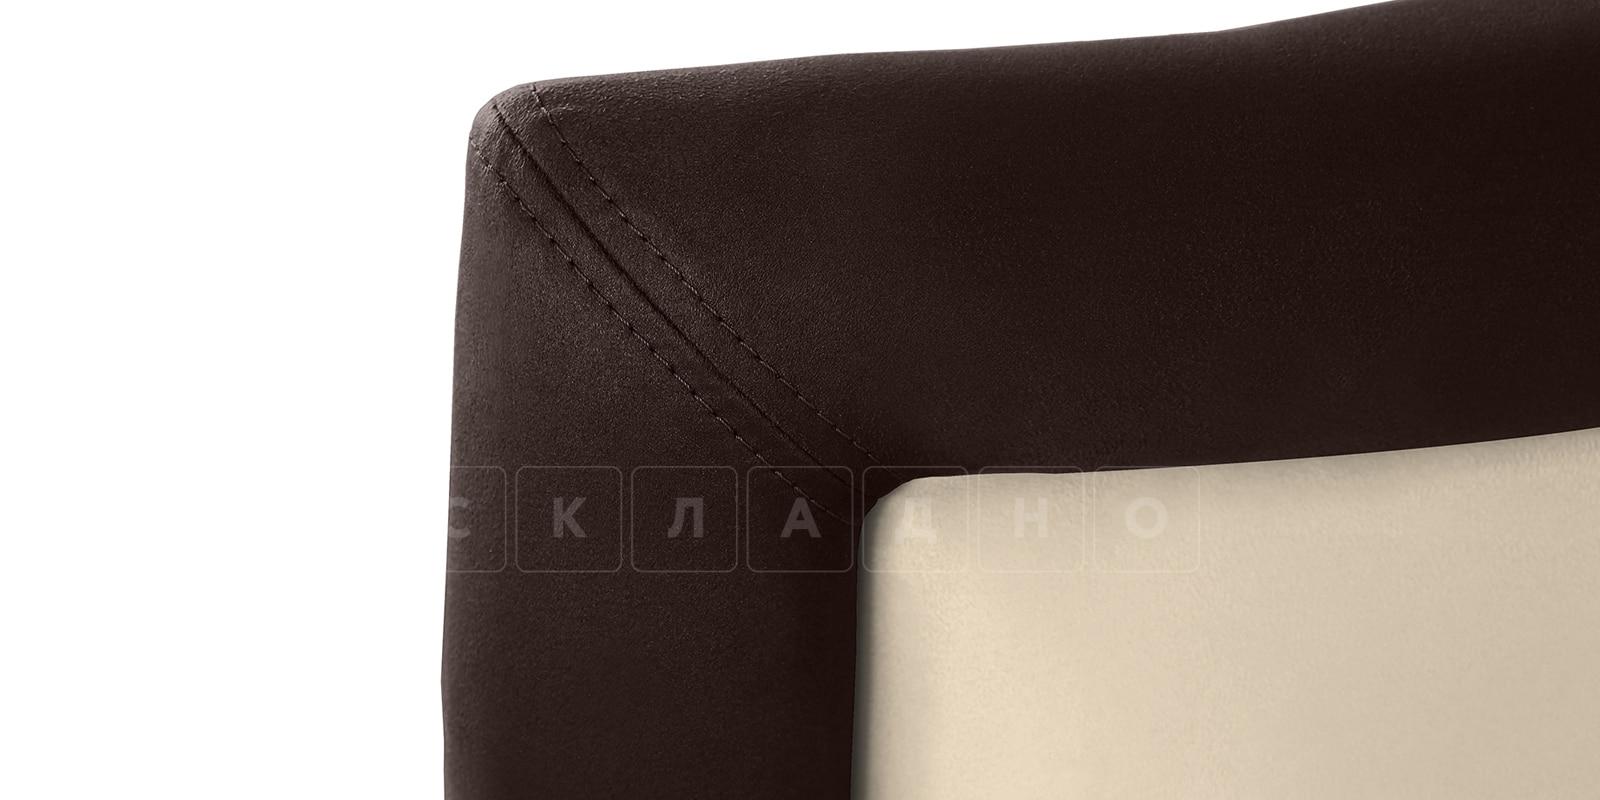 Мягкая кровать Малибу 160см экокожа бежевый-шоколад вариант 9-2 фото 4 | интернет-магазин Складно